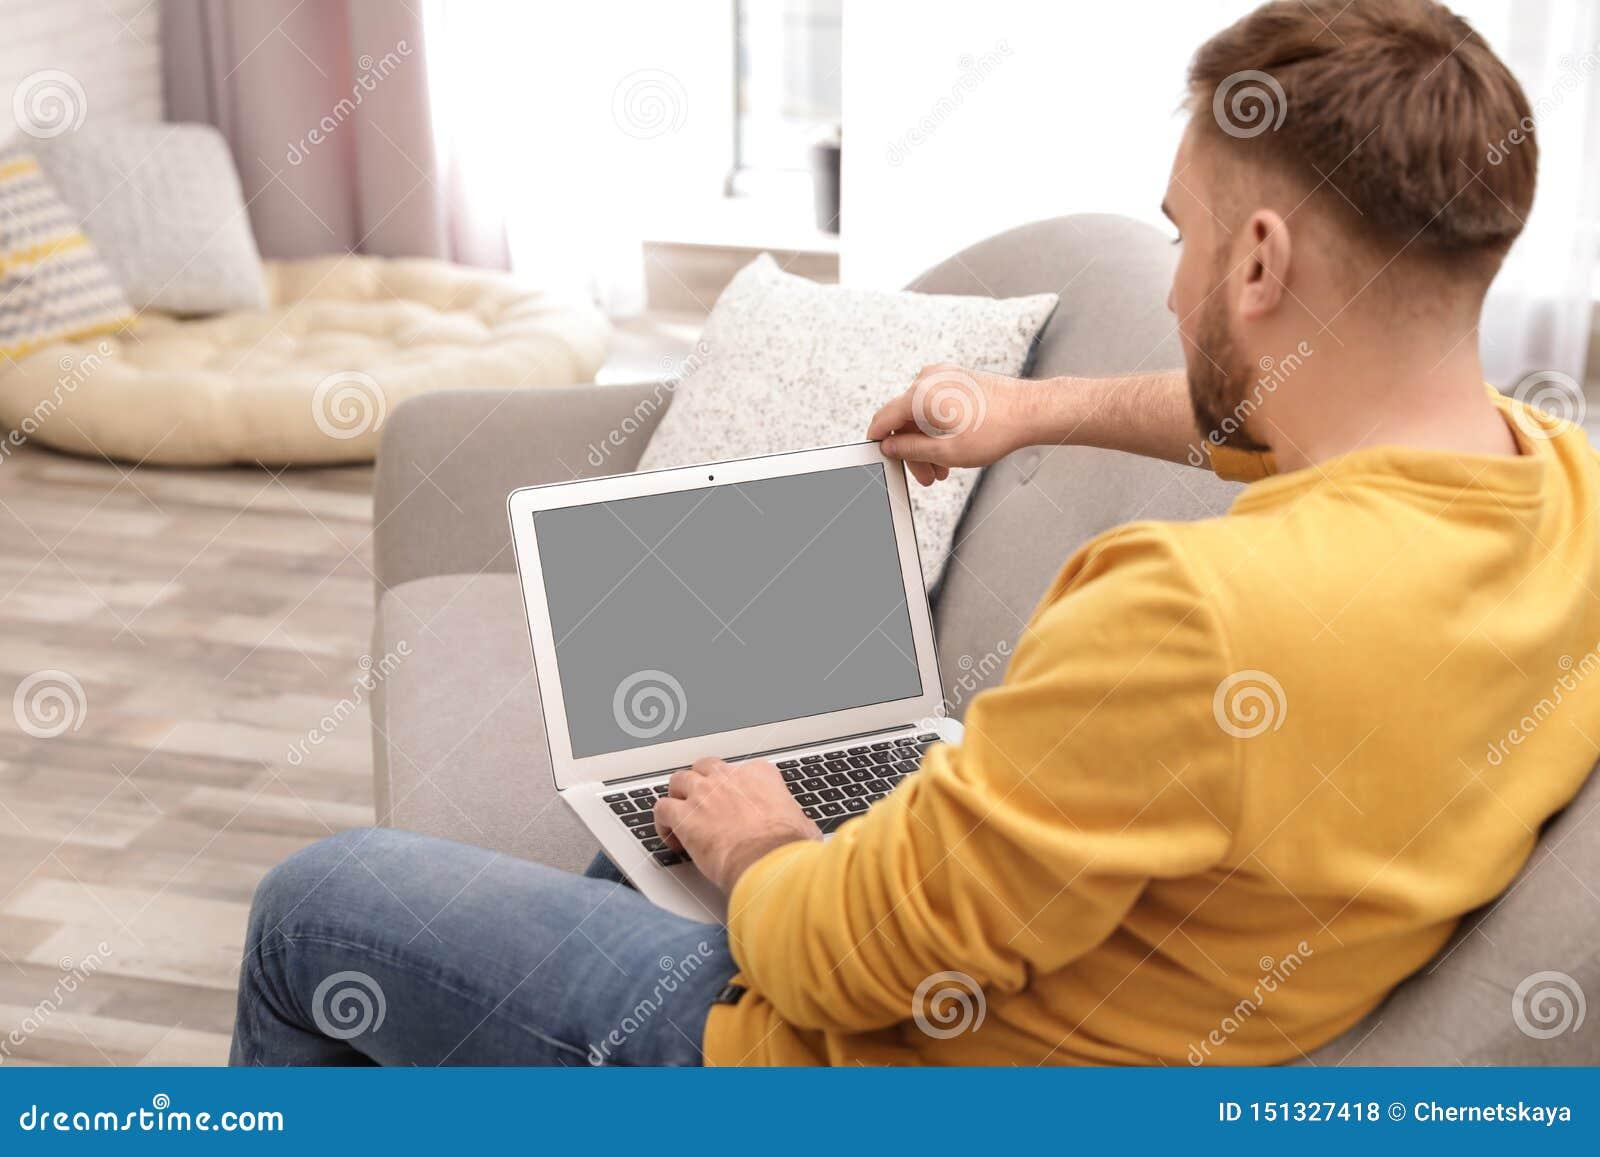 Chat room men